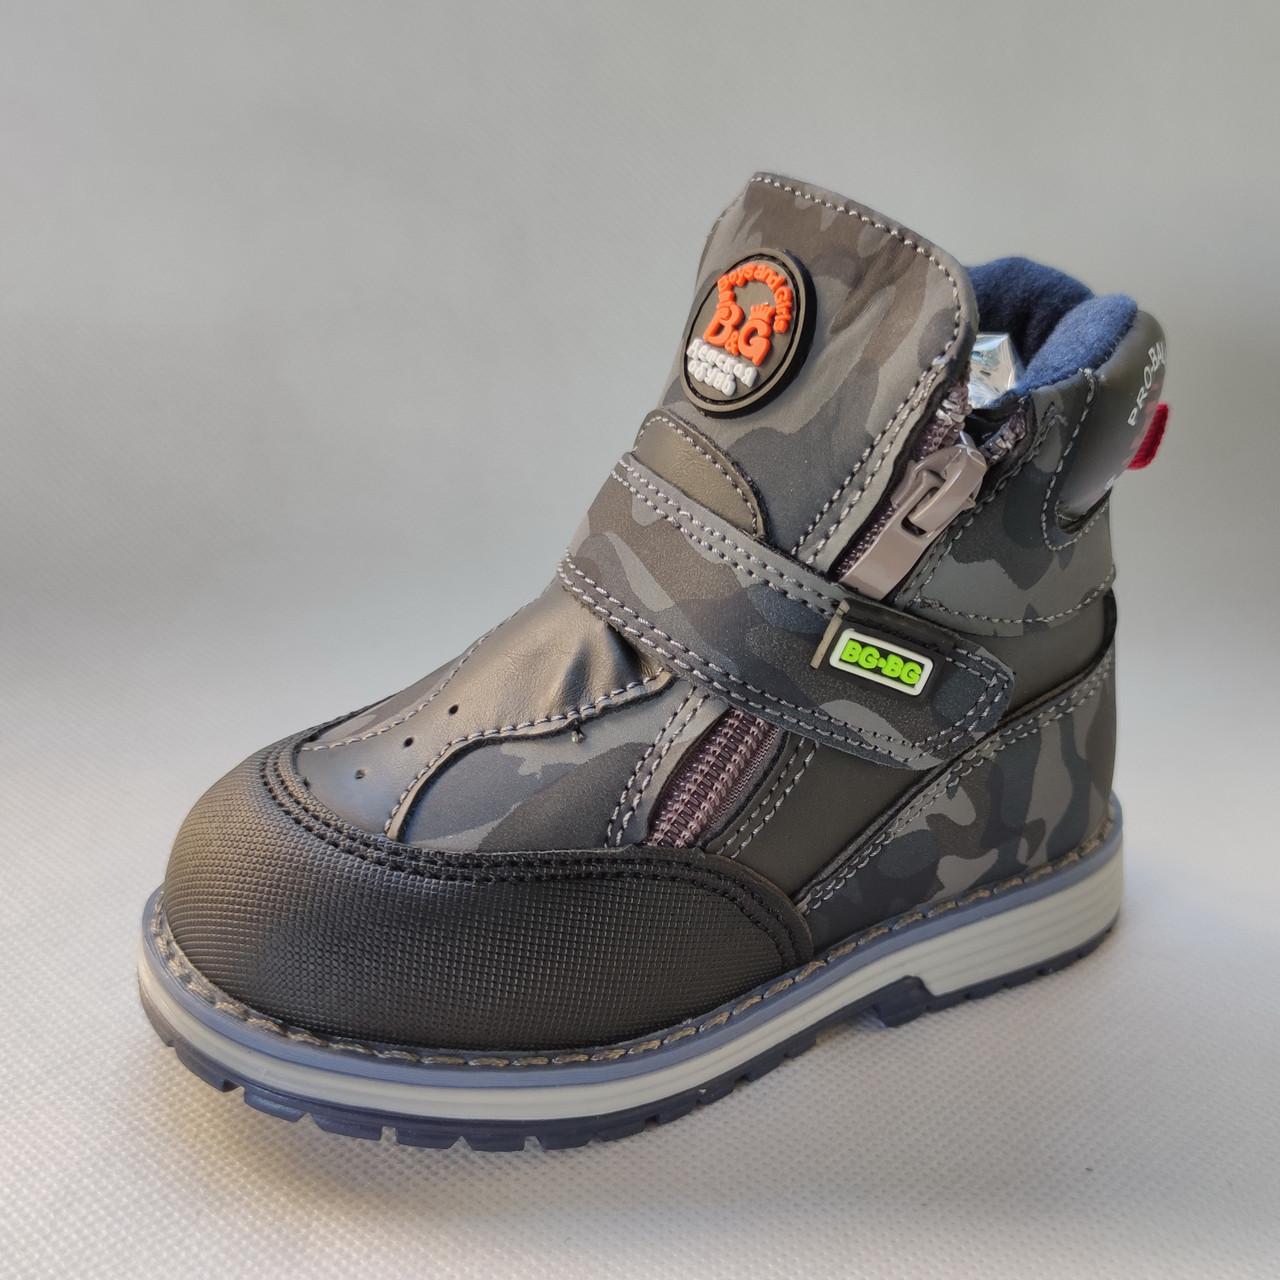 Детские демисезонные ботинки для мальчика хаки BBT 26р 16см